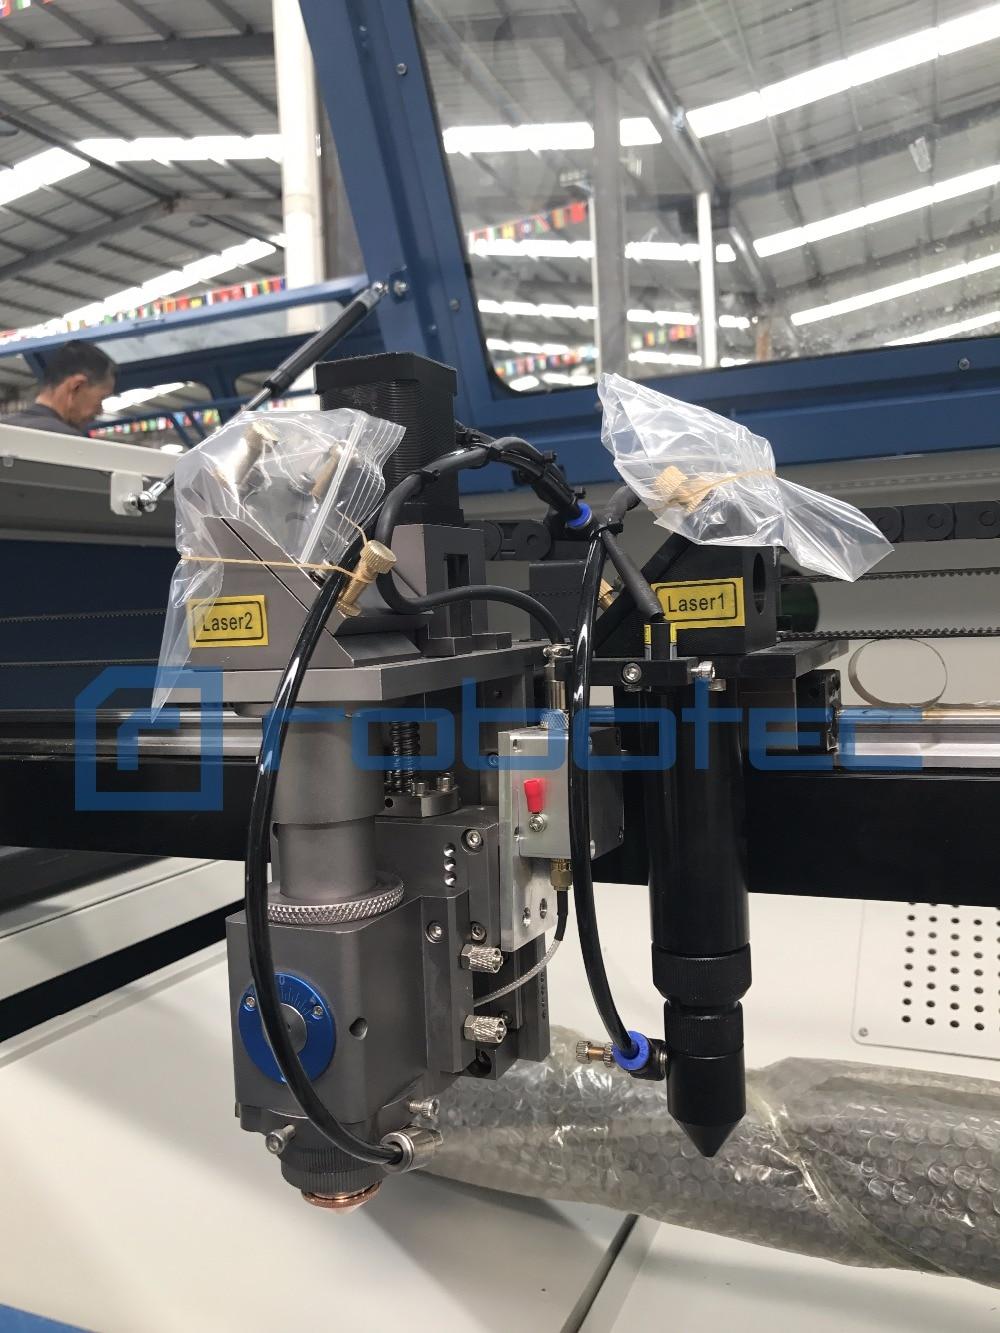 90W Co2 Laser Engraving Machine 1390 Wood Engraving Machine CNC Laser 150w Metal Co2 Laser Cutter 110V/220V